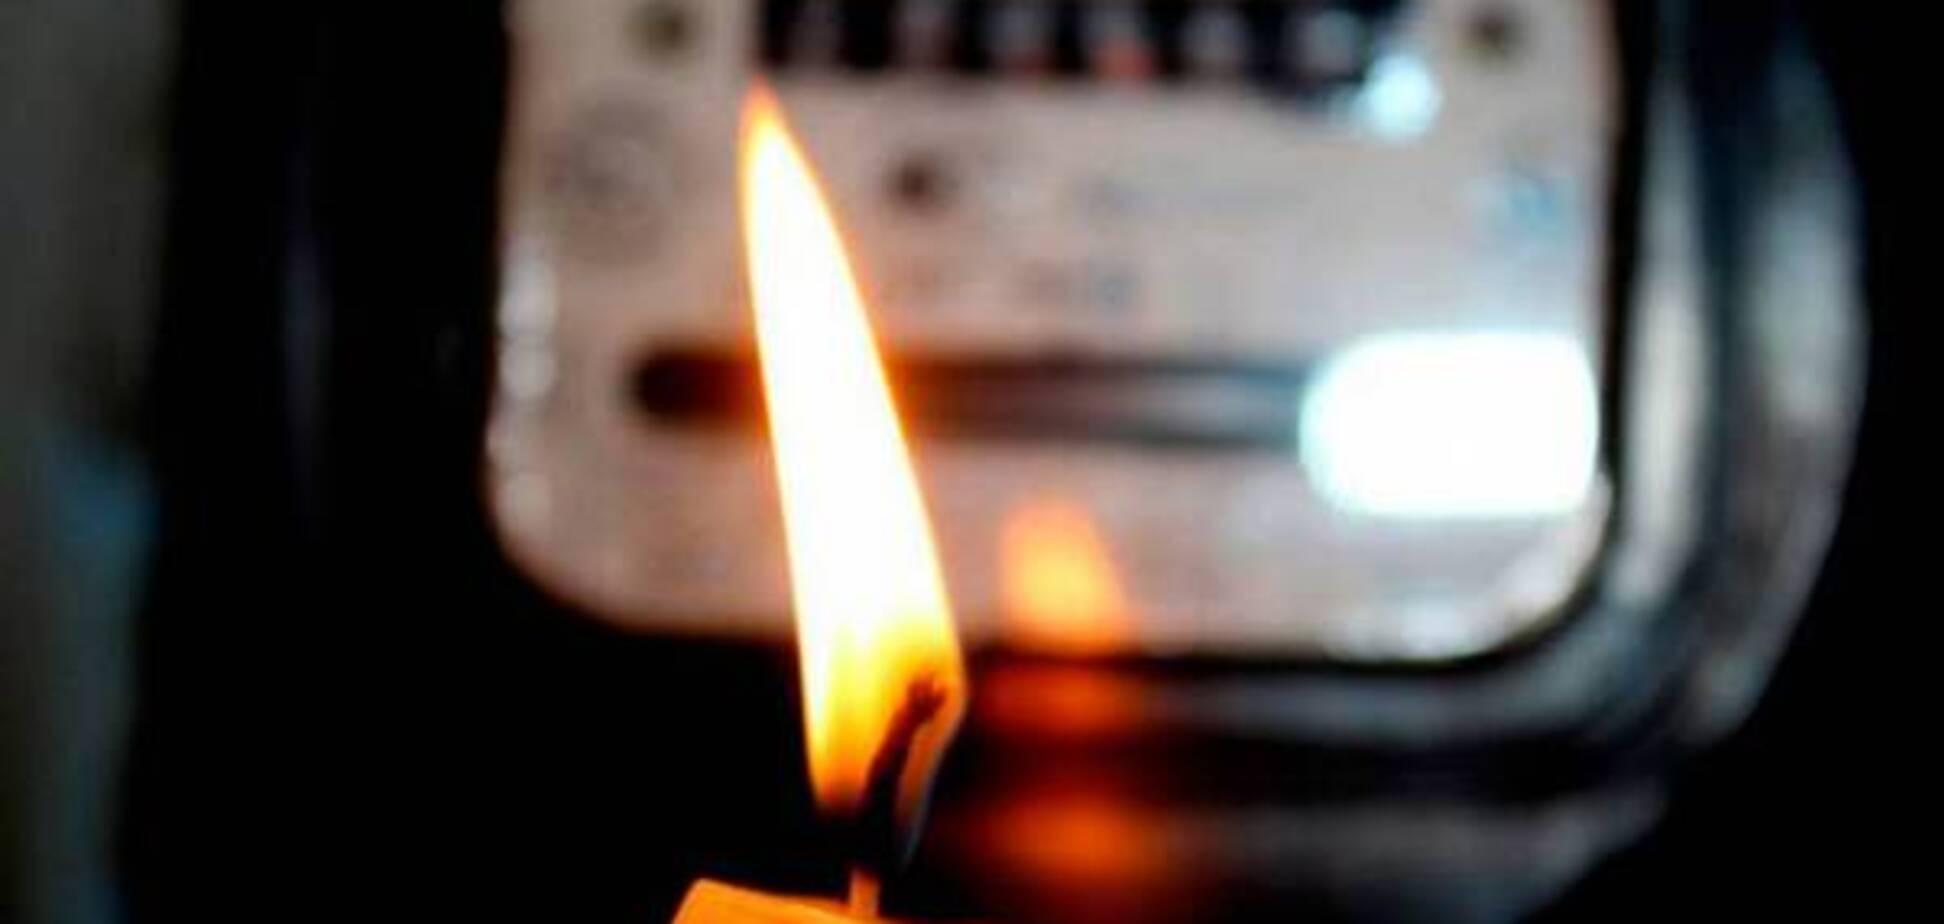 В Украине, в отличие от Грузии, пока не знали, что такое жить без света – Саакашвили об энергетическом кризисе